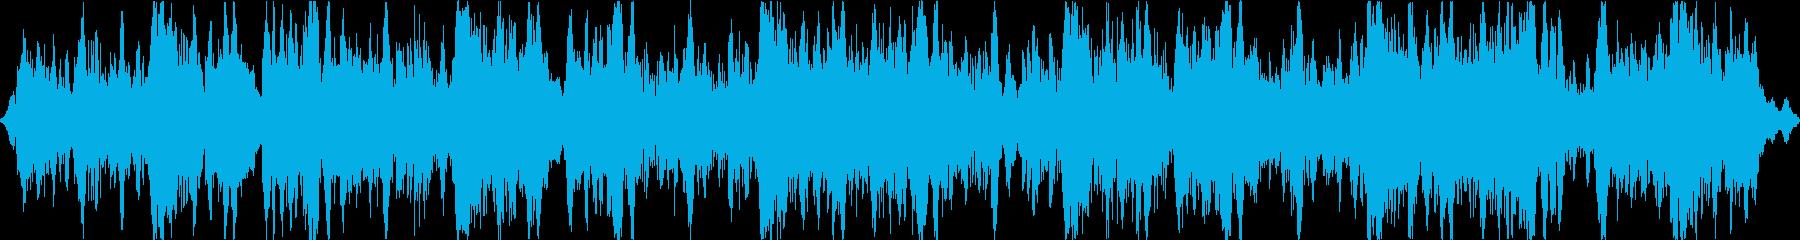 重く禍々しい空気のアンビエントの再生済みの波形